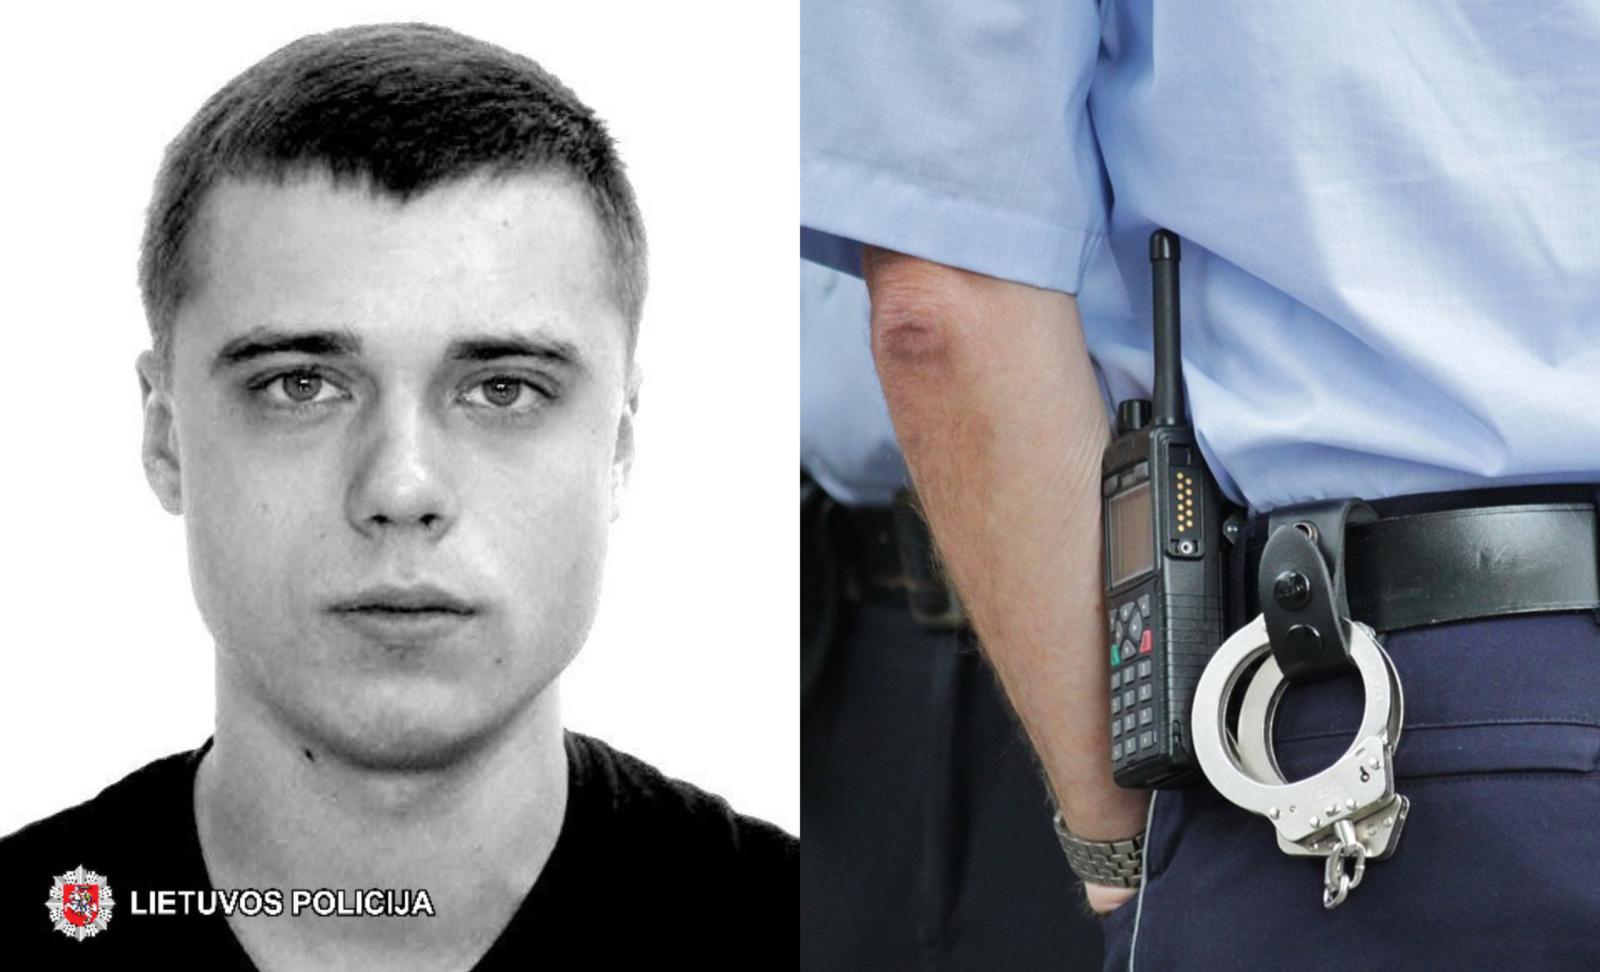 Į Lietuvą pargabentas dalyvavimu susišaudyme įtariamas J. Baronas